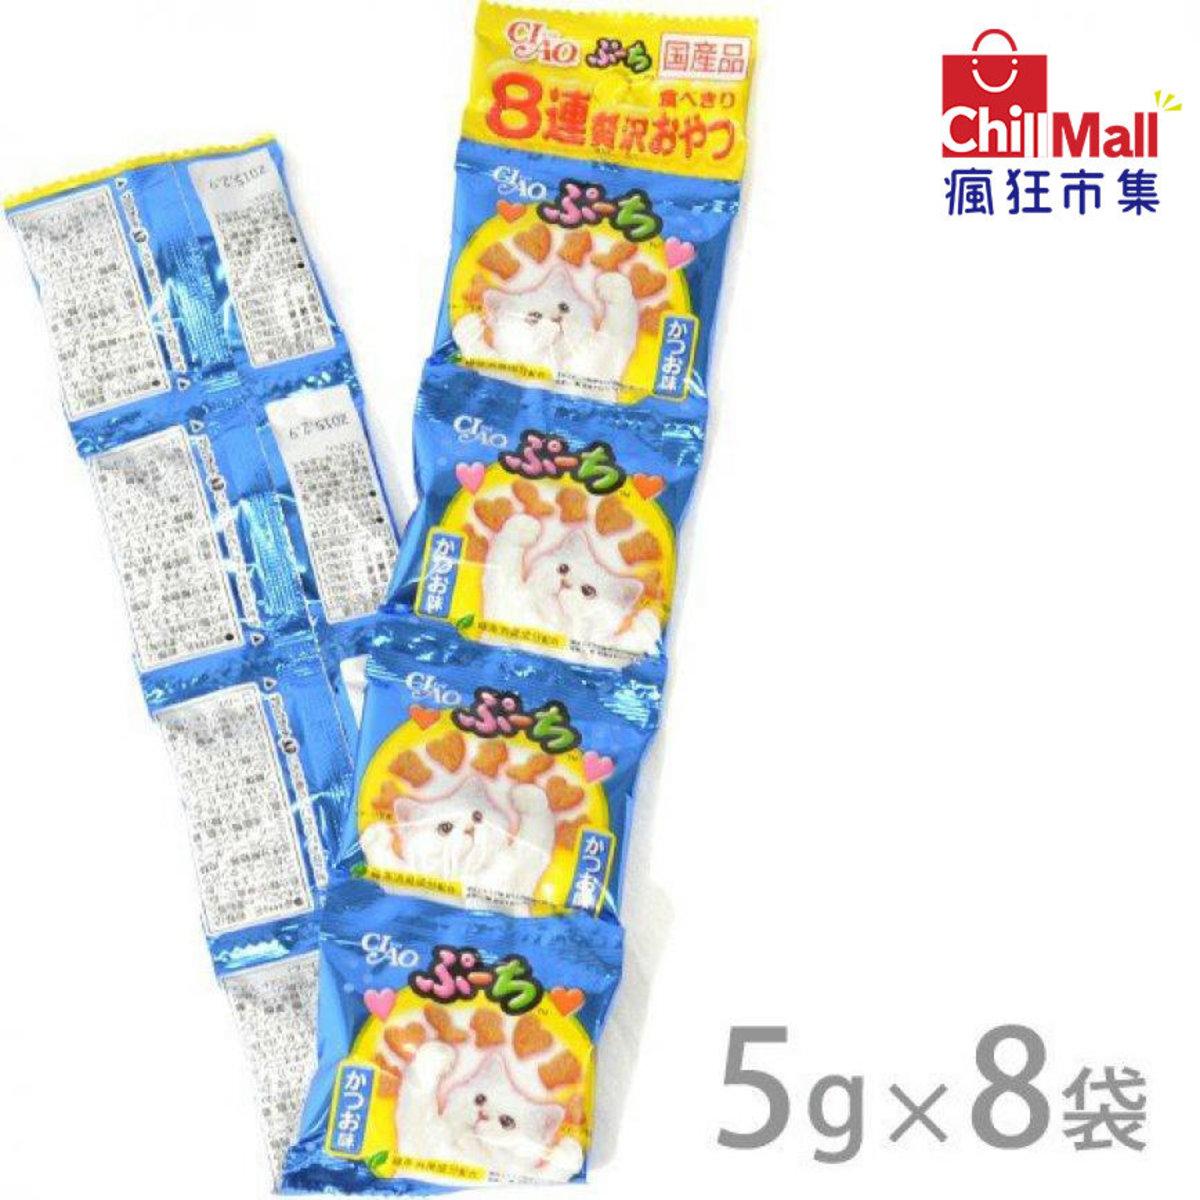 日本CIAO磨牙潔齒貓脆餅 鰹魚味 5g 8包入 (藍) 3650970